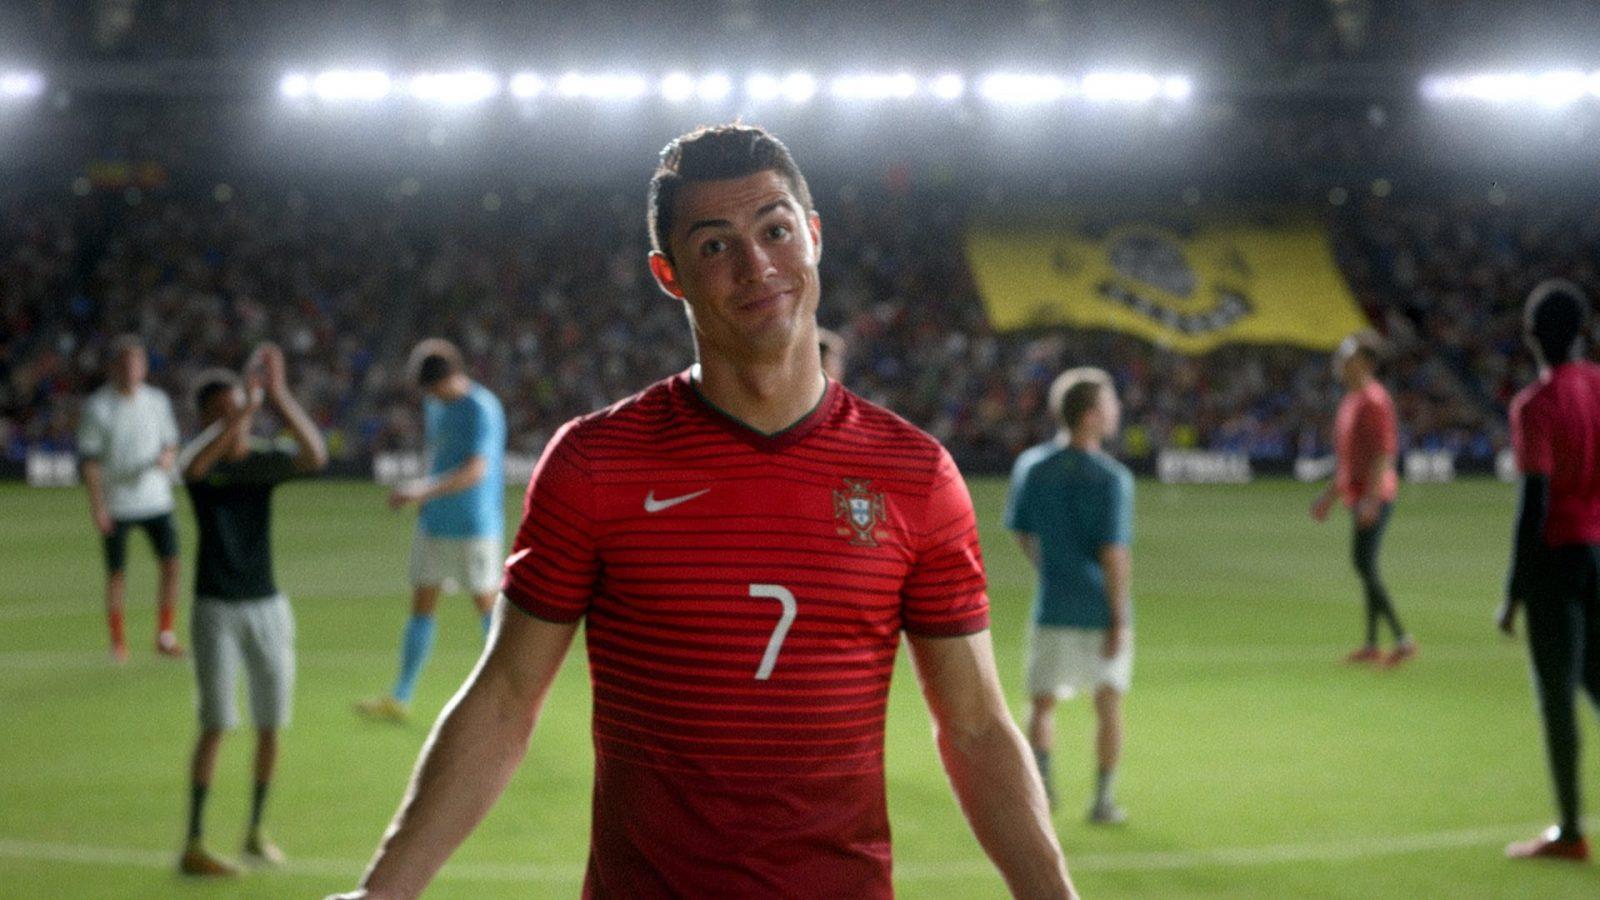 3. Mejor marketing de guerrilla. Nike y sus grandes anuncios.